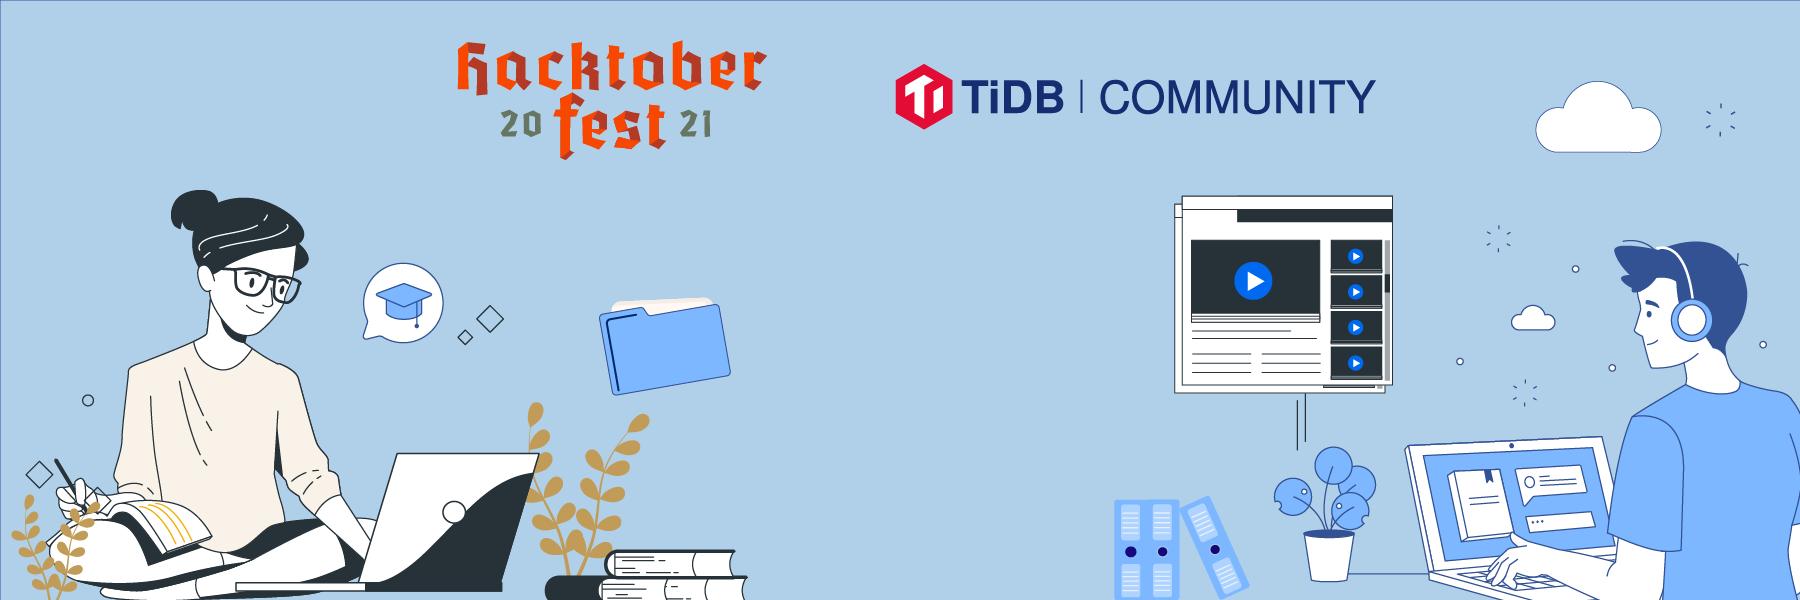 TiDB Community joins Hacktoberfest 2021!